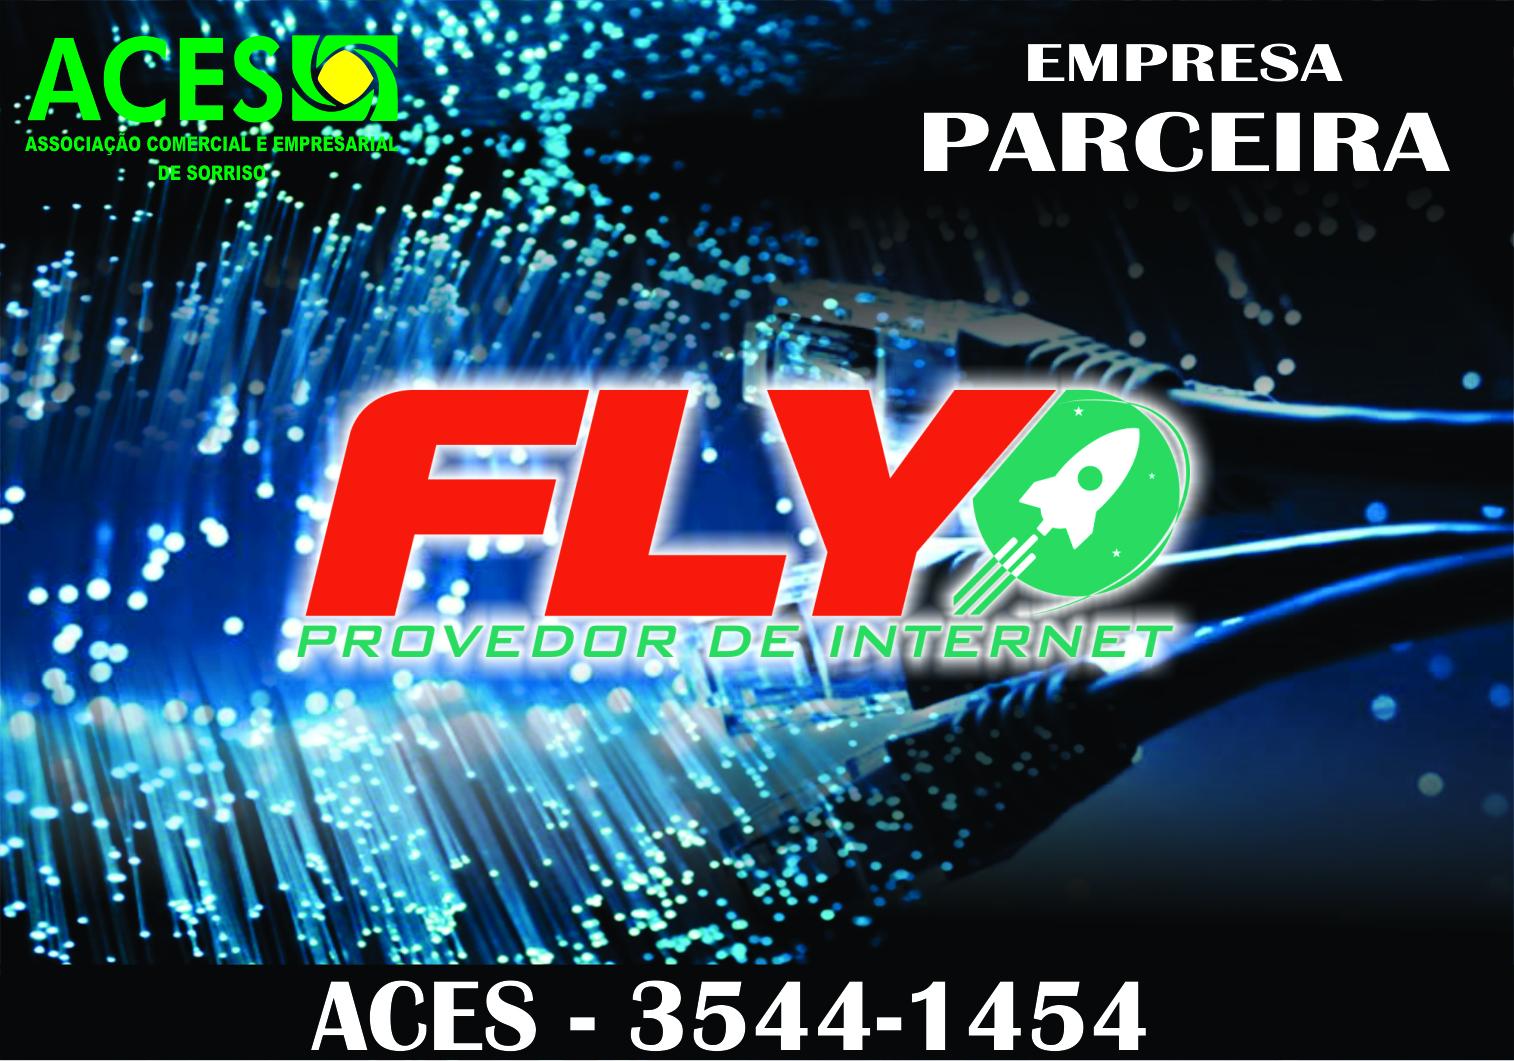 FLY PROVEDOR DE INTERNET